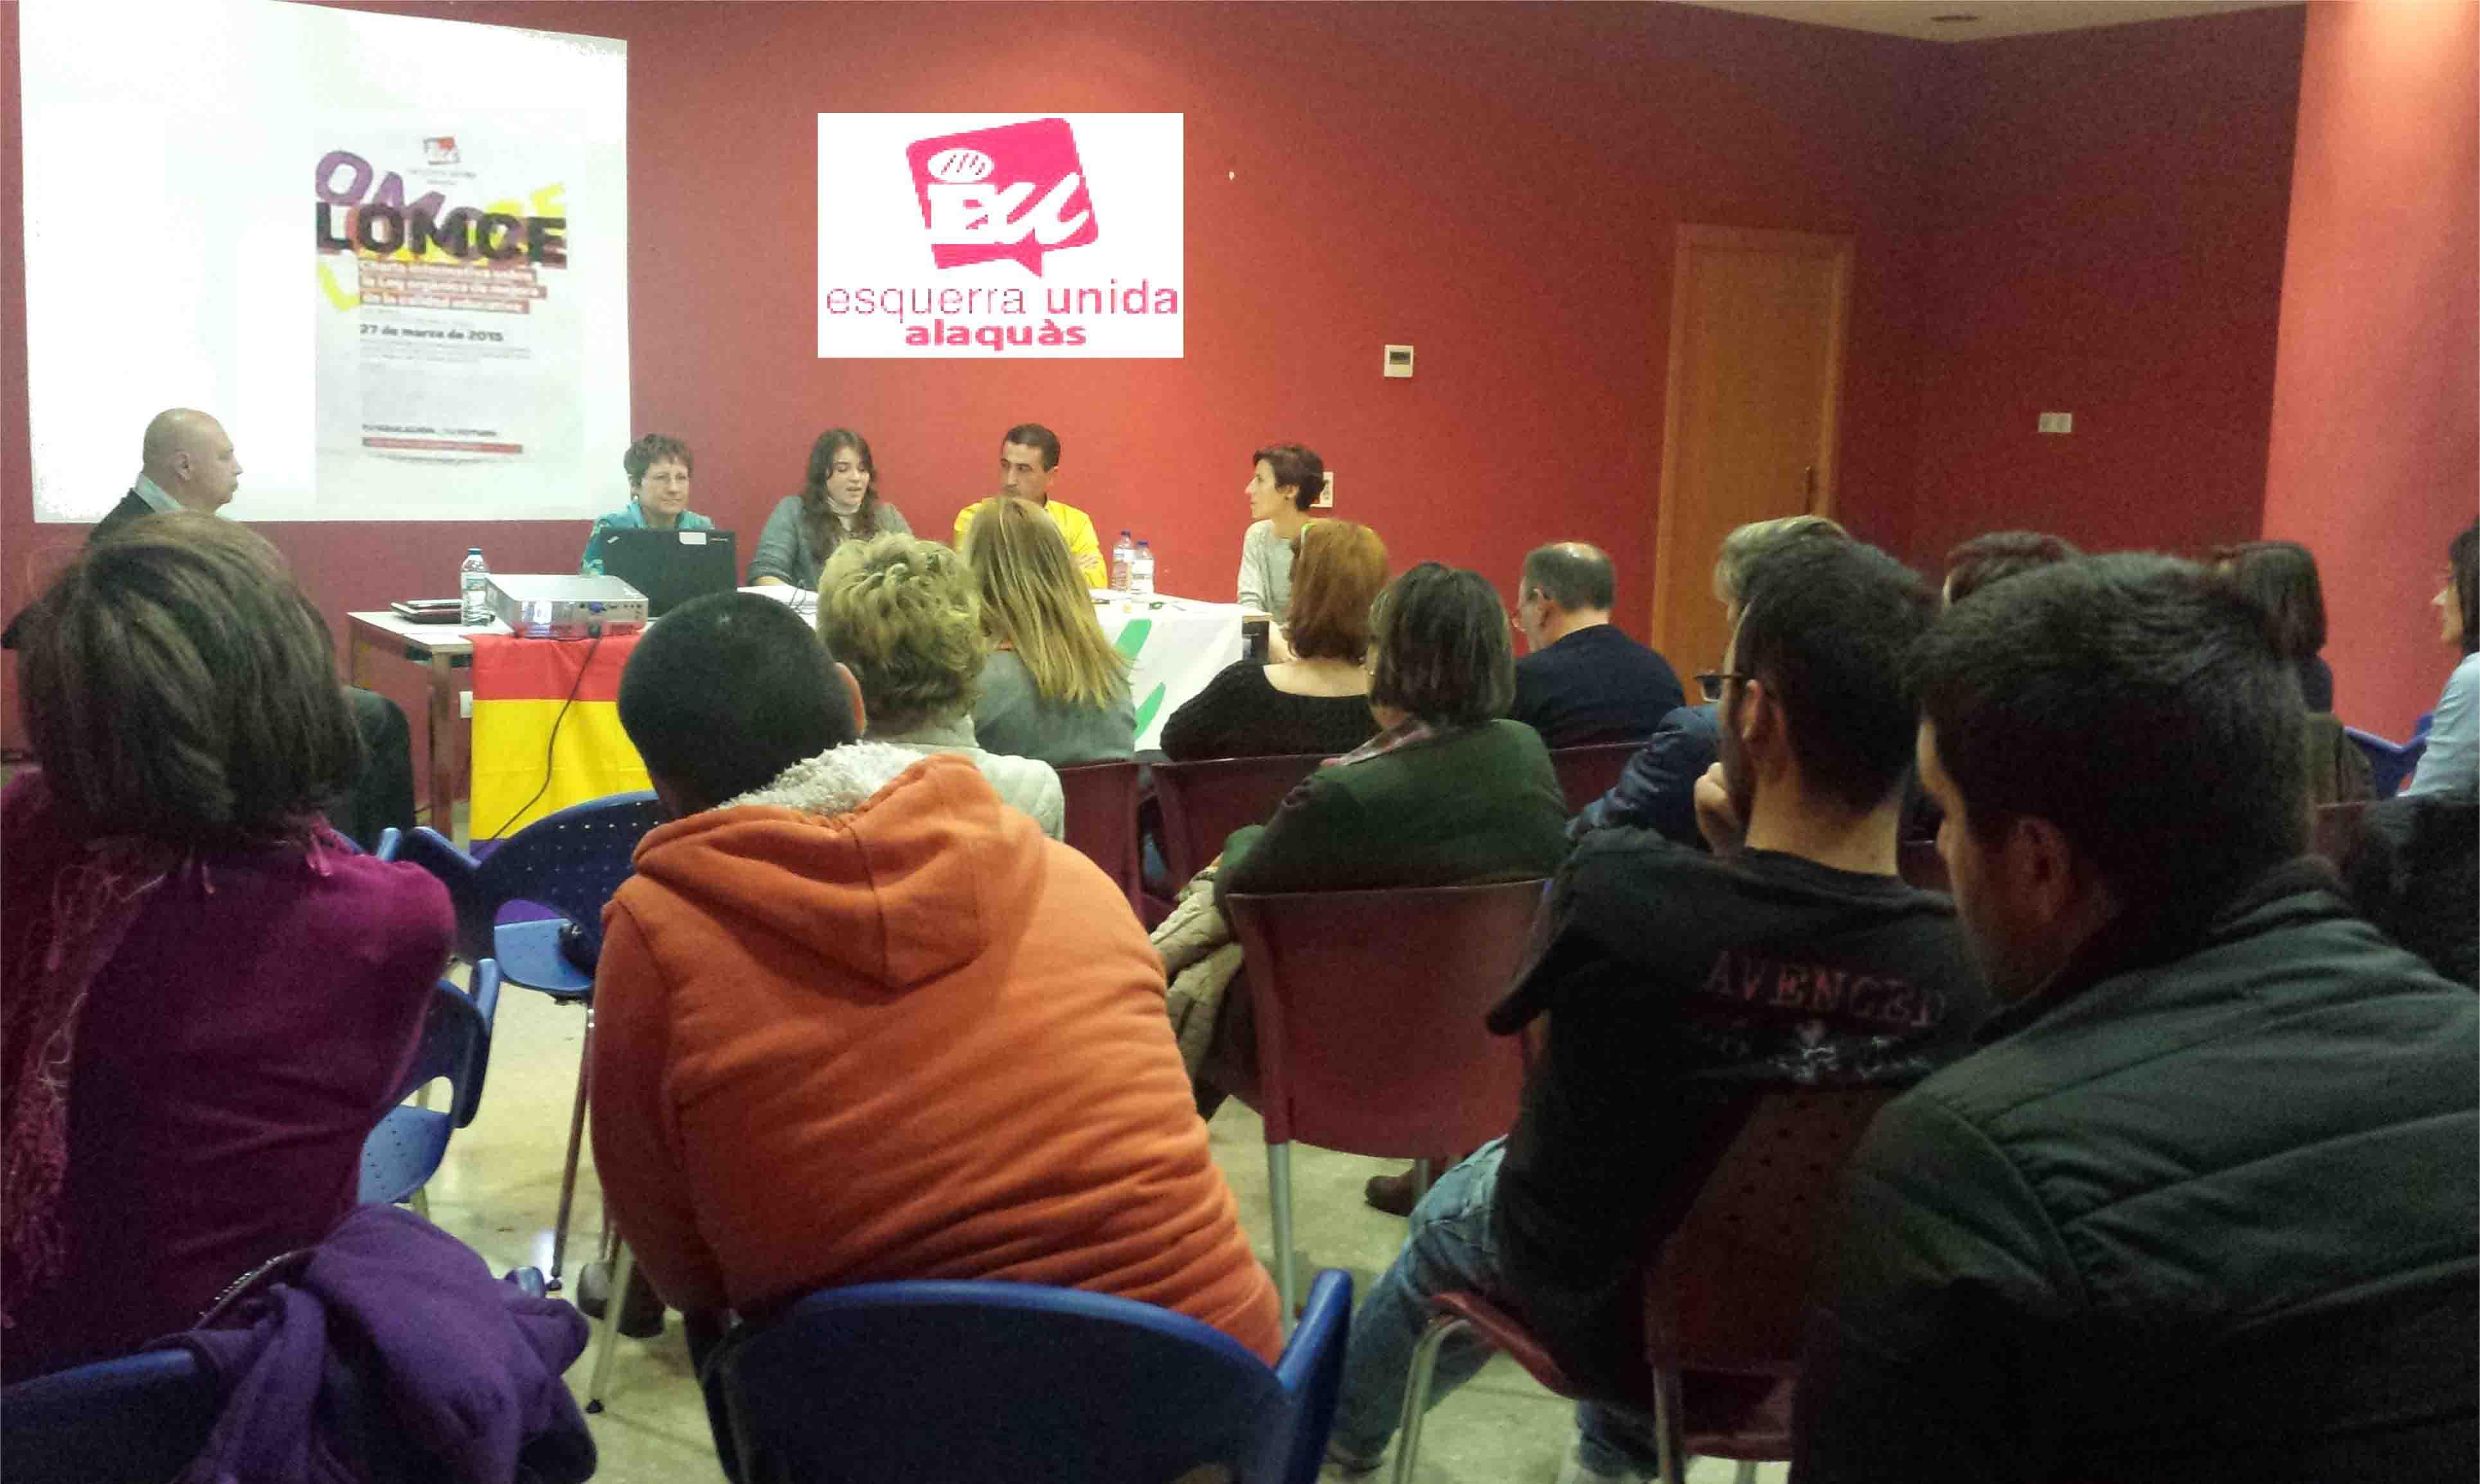 Esquerra Unida Alaquàs analiza la reforma educativa en una charla